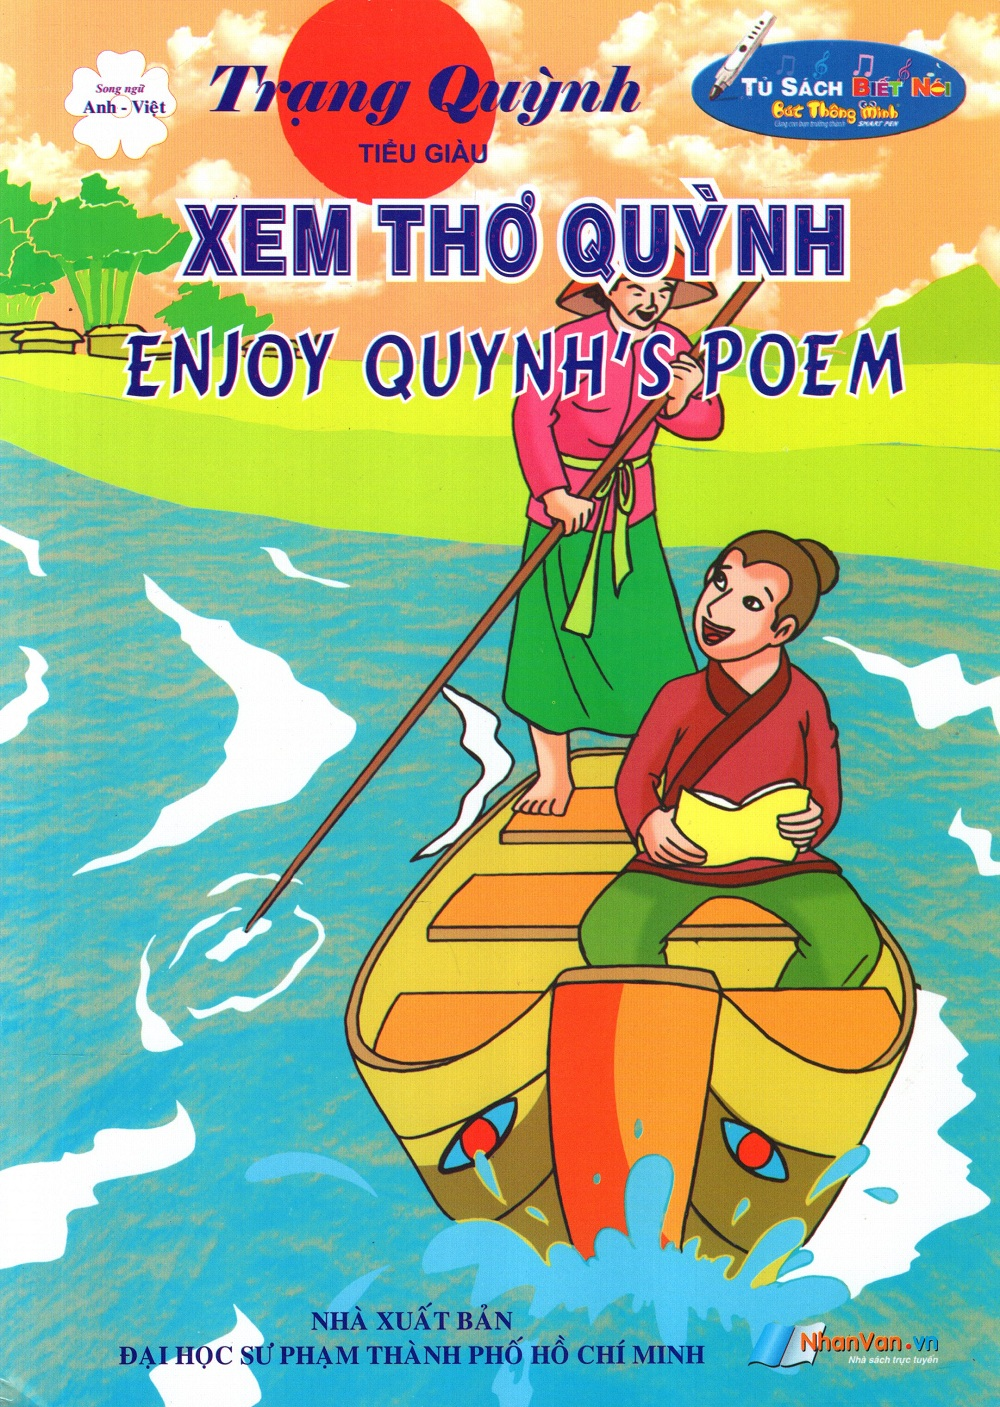 Bìa sách Trạng Quỳnh: Xem Thơ Quỳnh (Song Ngữ Anh - Việt)